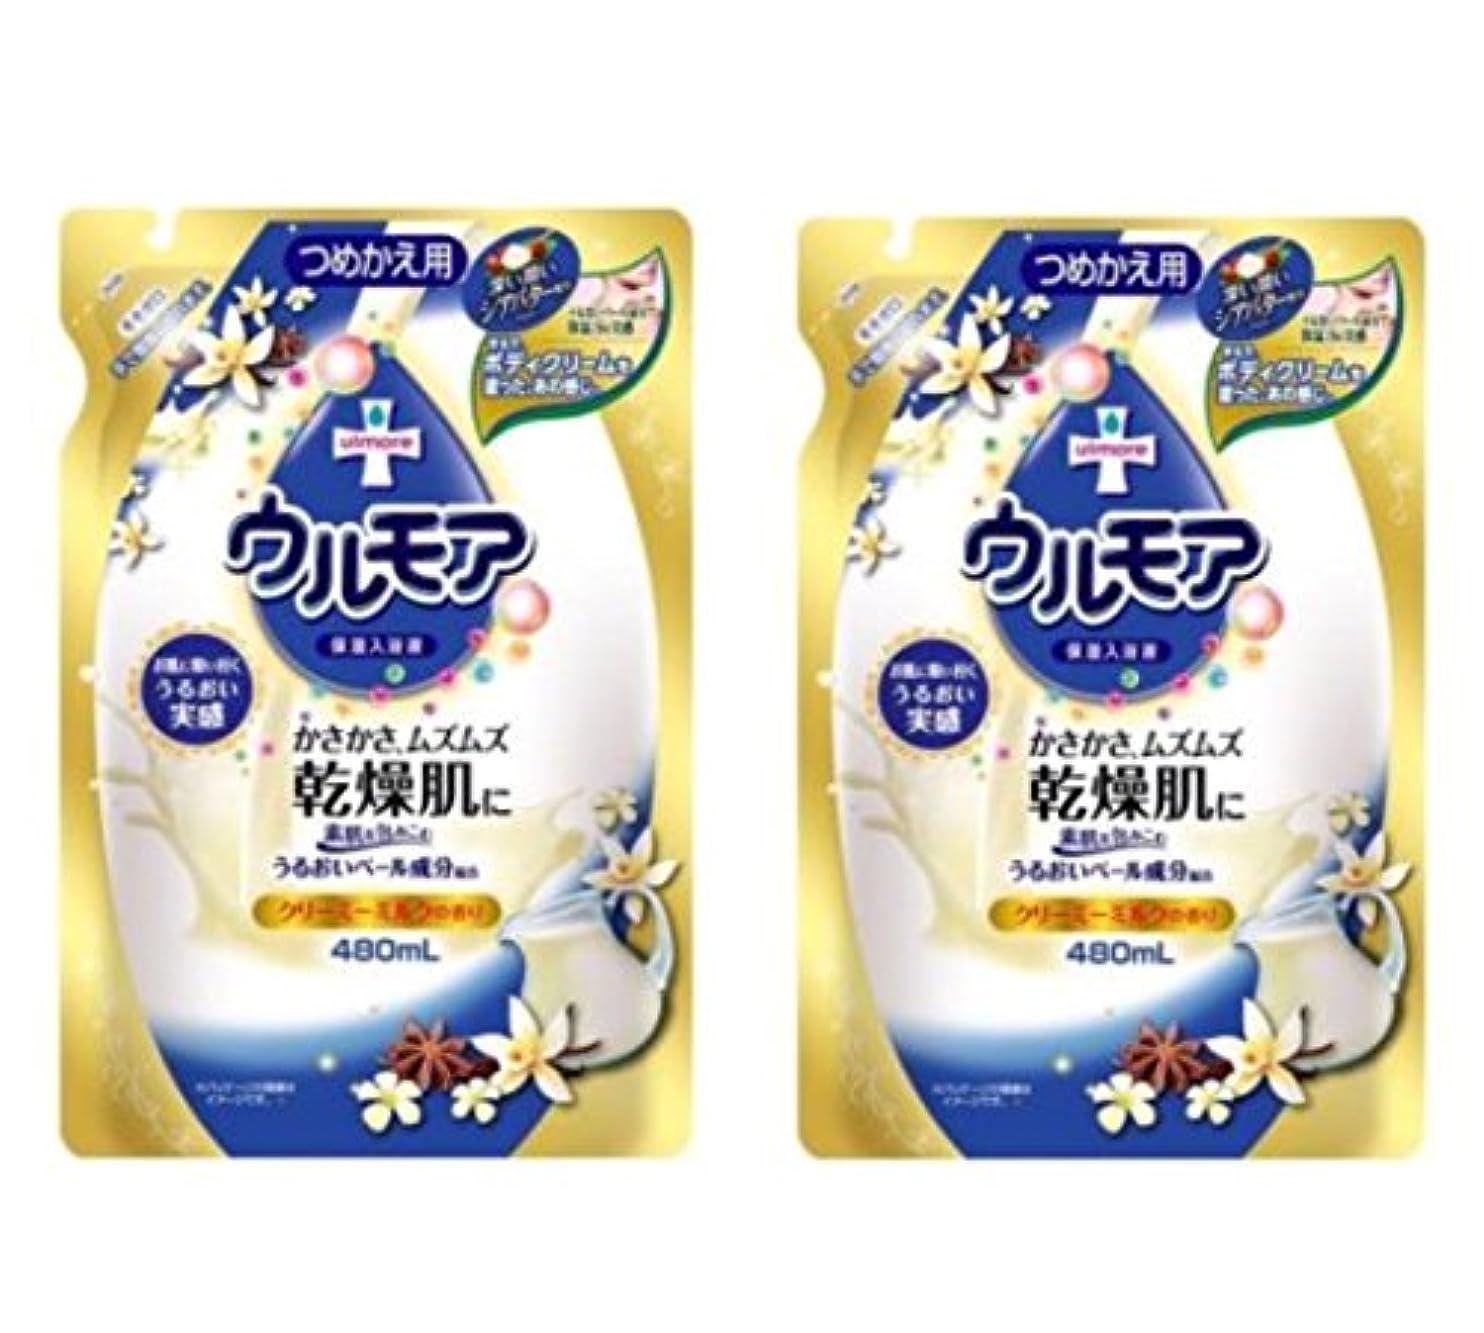 難民化石花弁アース製薬 保湿入浴液 ウルモア クリーミーミルク詰替 480ml×2個セット